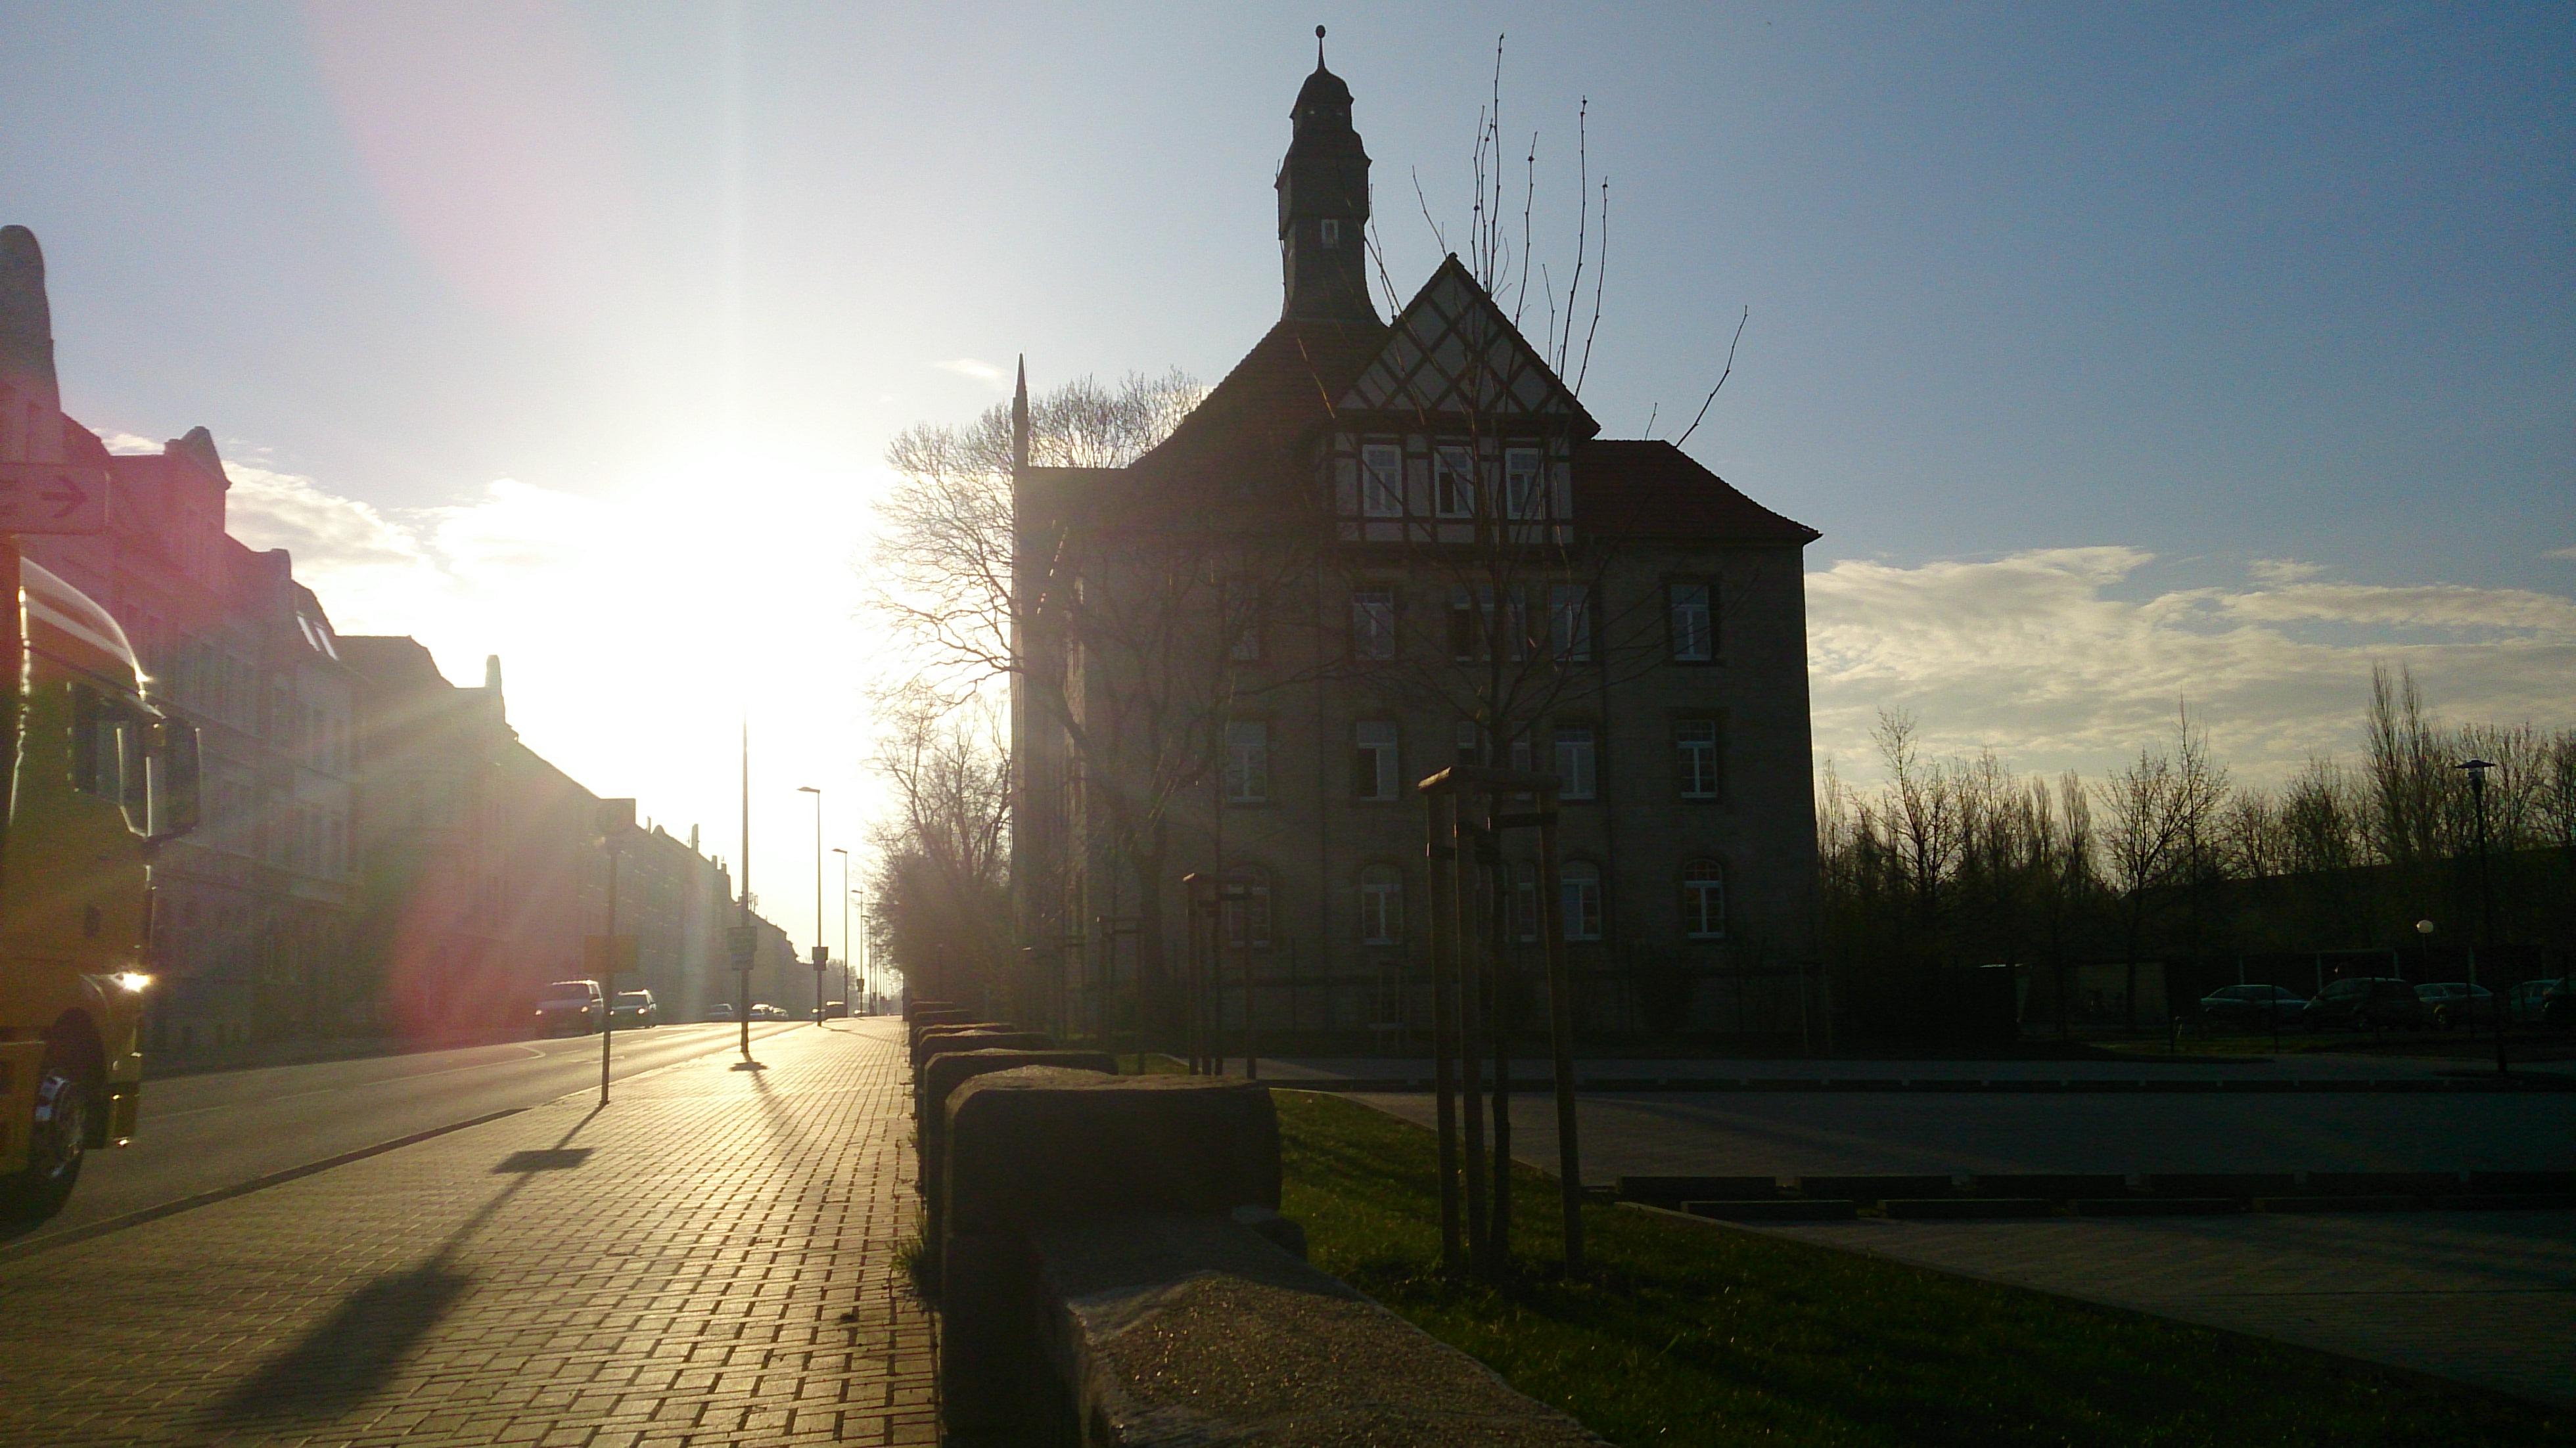 Sonne verwöhnt den Abend in Halberstadt mit ihren Strahlen...